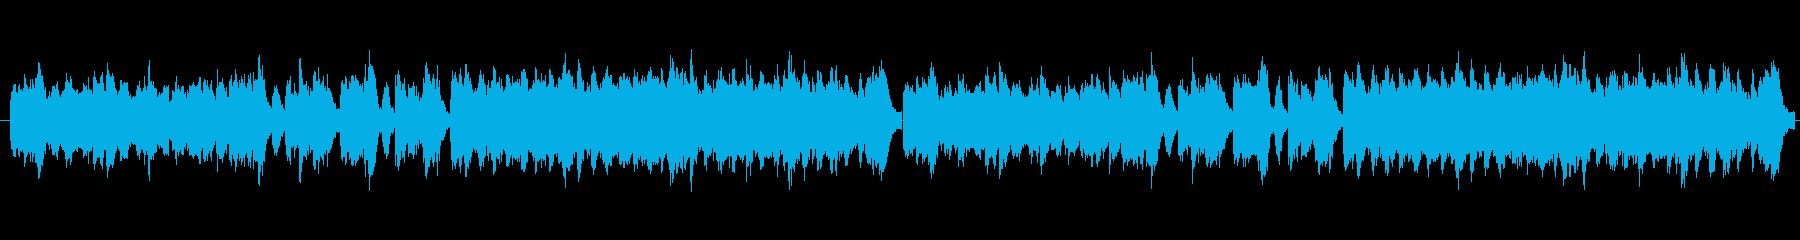 マリンバが印象的なかわいらしい曲です。…の再生済みの波形